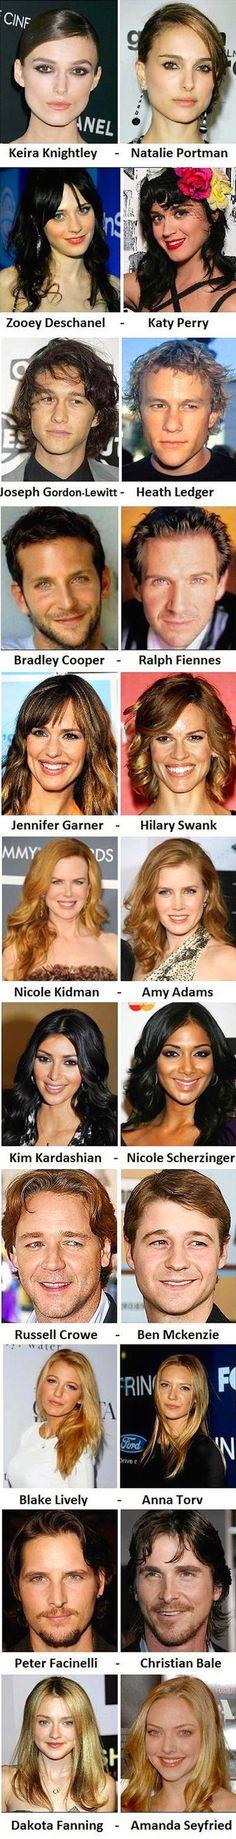 What celebrity has initials PR - answers.com